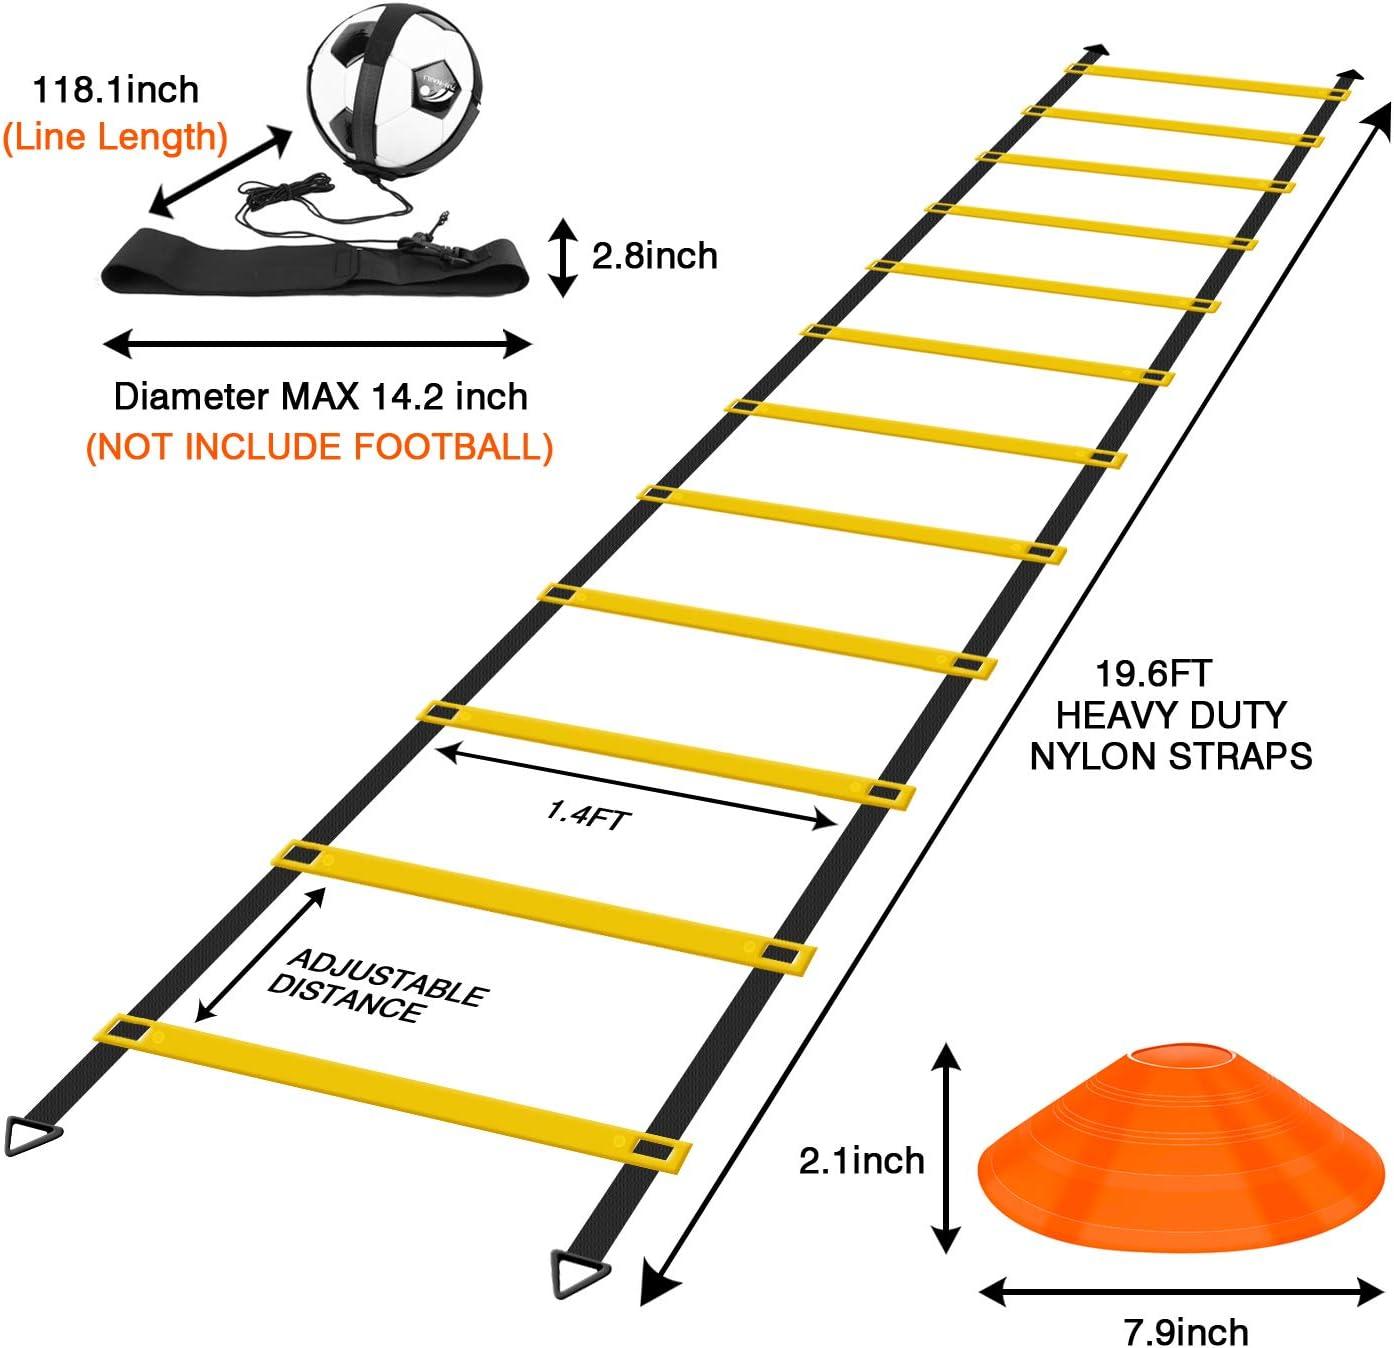 10 pi/&eg Tbest Kit de Train dagilit/é de Vitesse /équipement de Formation de r/ésistance /à la Vitesse d/échelle dagilit/é Ensemble d/équipement de Formation dagilit/é /Échelle Plate de 19 Pieds